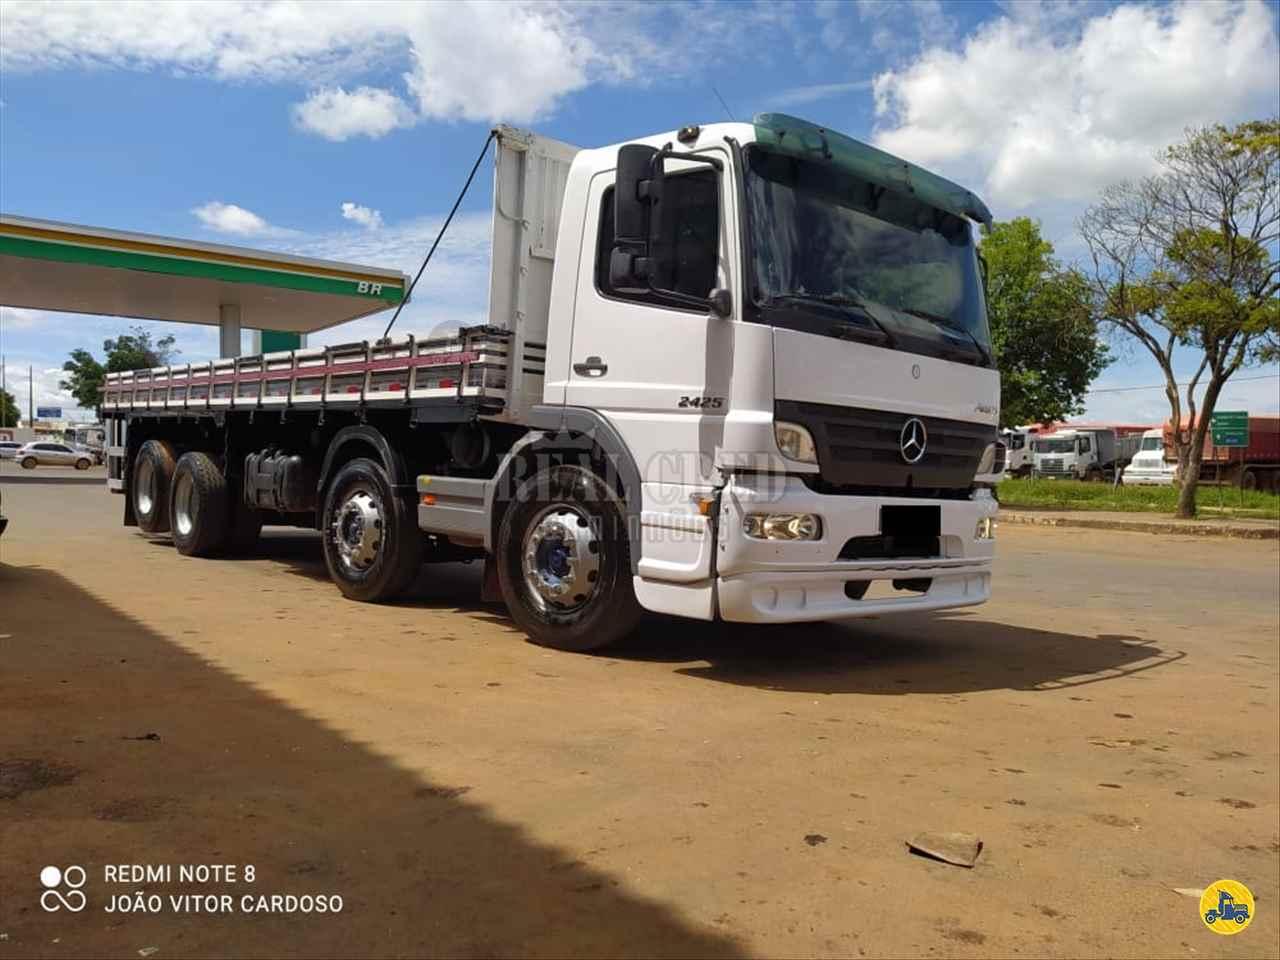 CAMINHAO MERCEDES-BENZ MB 2425 Carga Seca BiTruck 8x2 Real Cred Caminhões PIEDADE SÃO PAULO SP